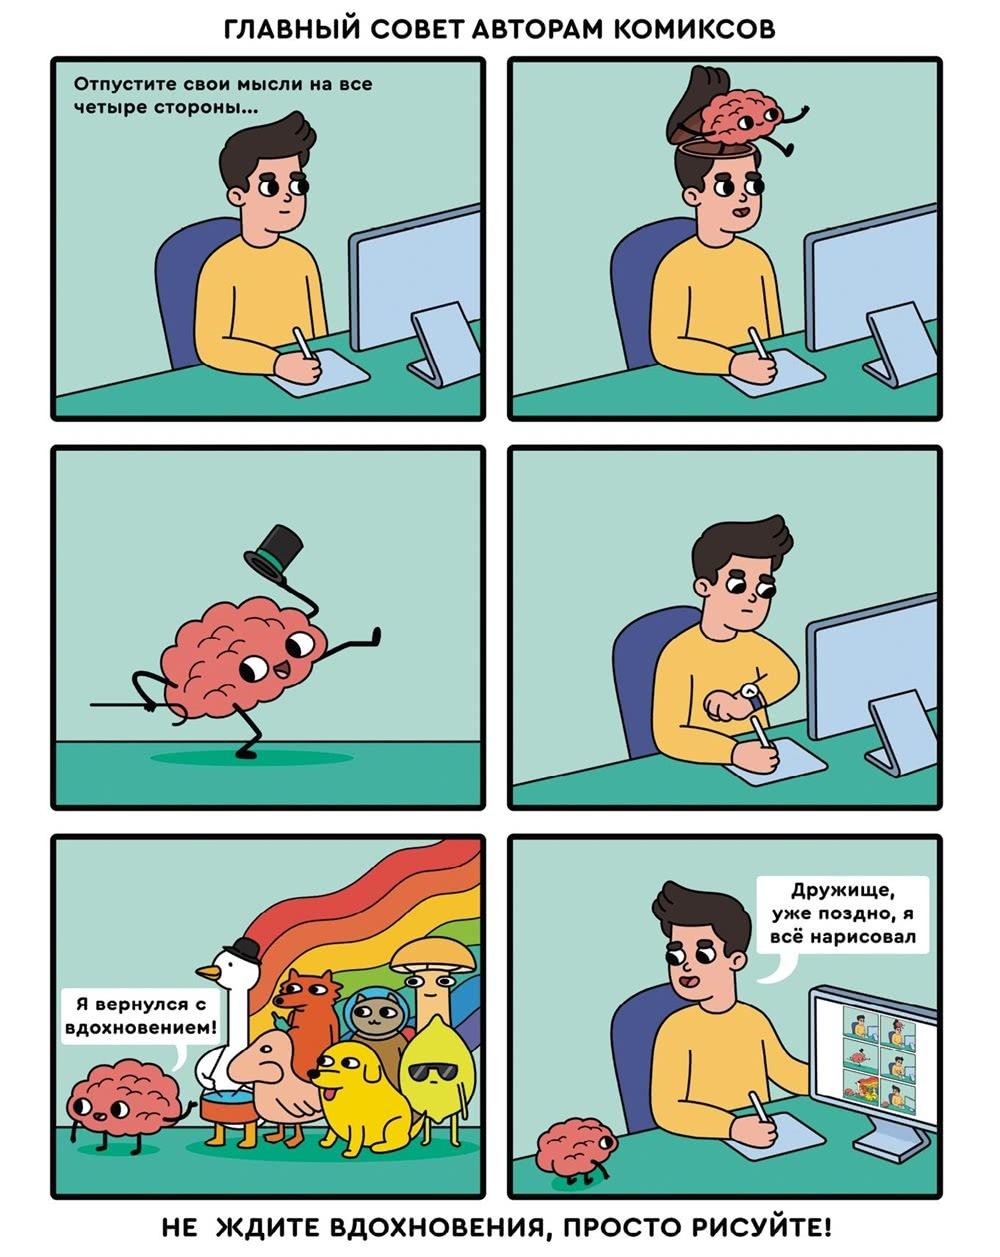 Комикс-стрип Евгения Мацкевича